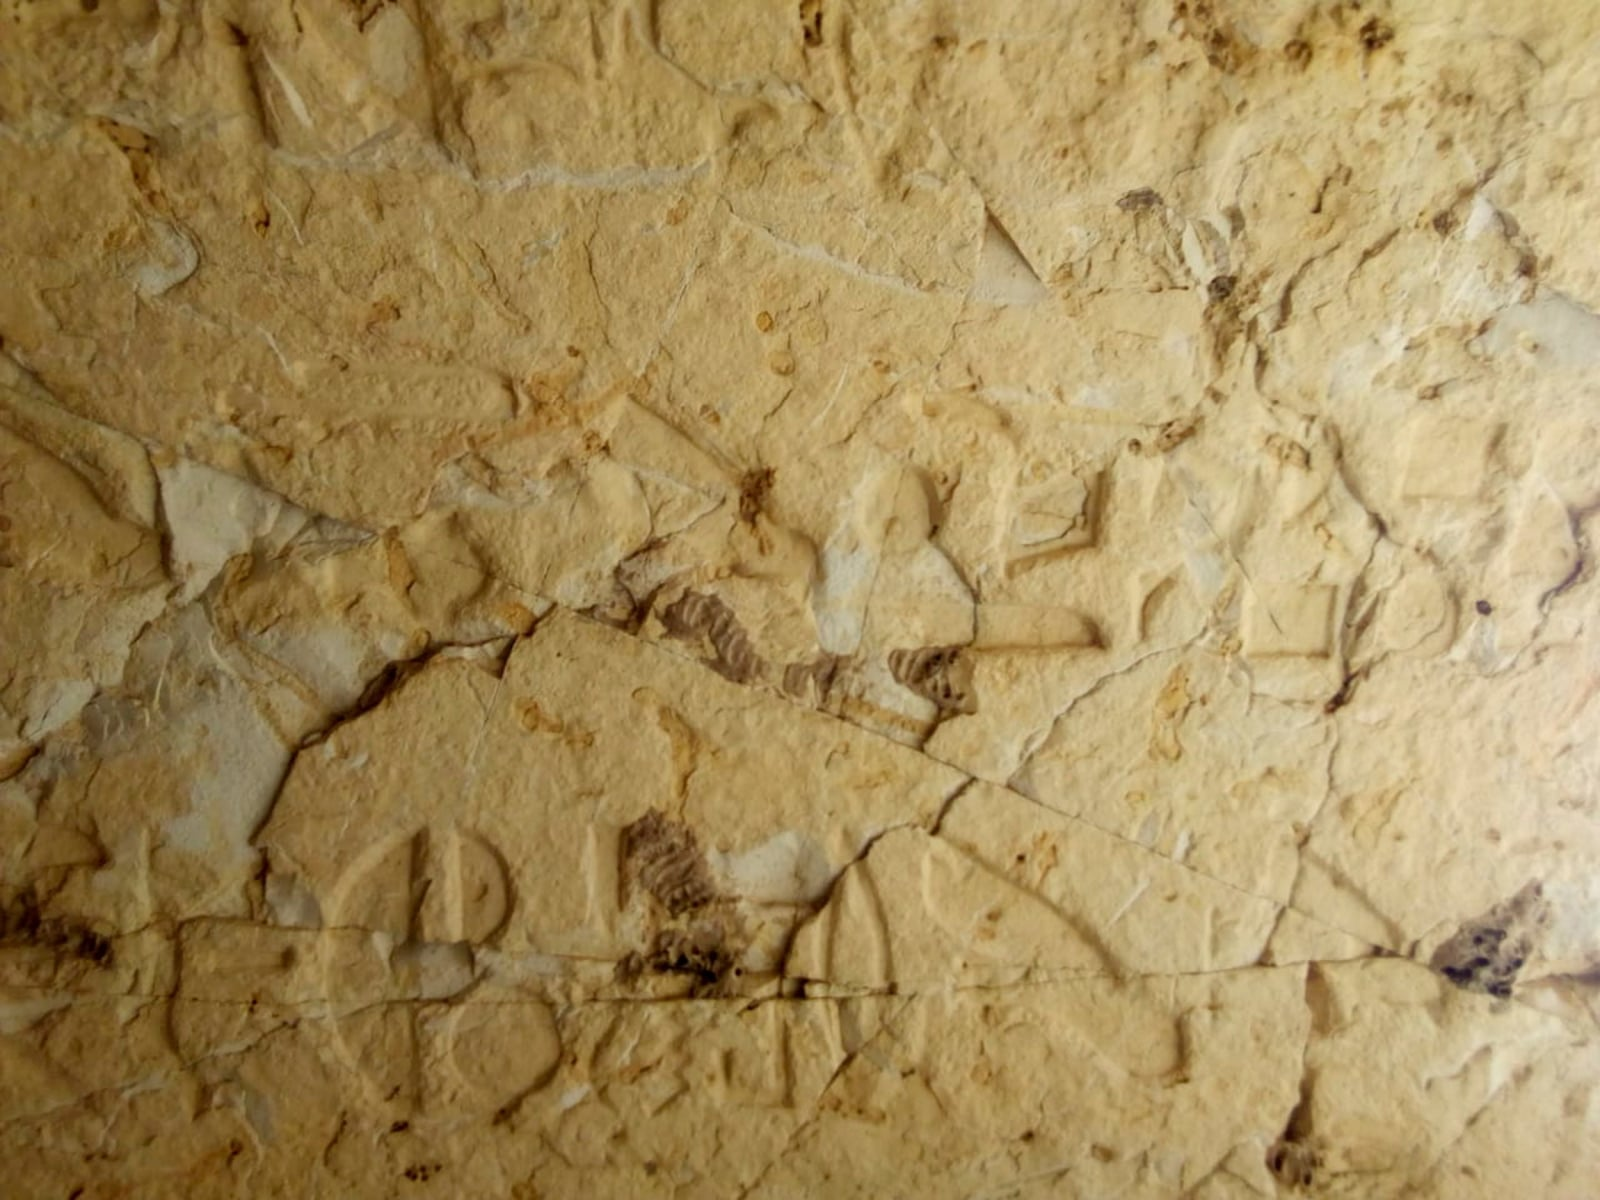 Nowe odkrycia archeologiczne, tym razem w Egipcie.